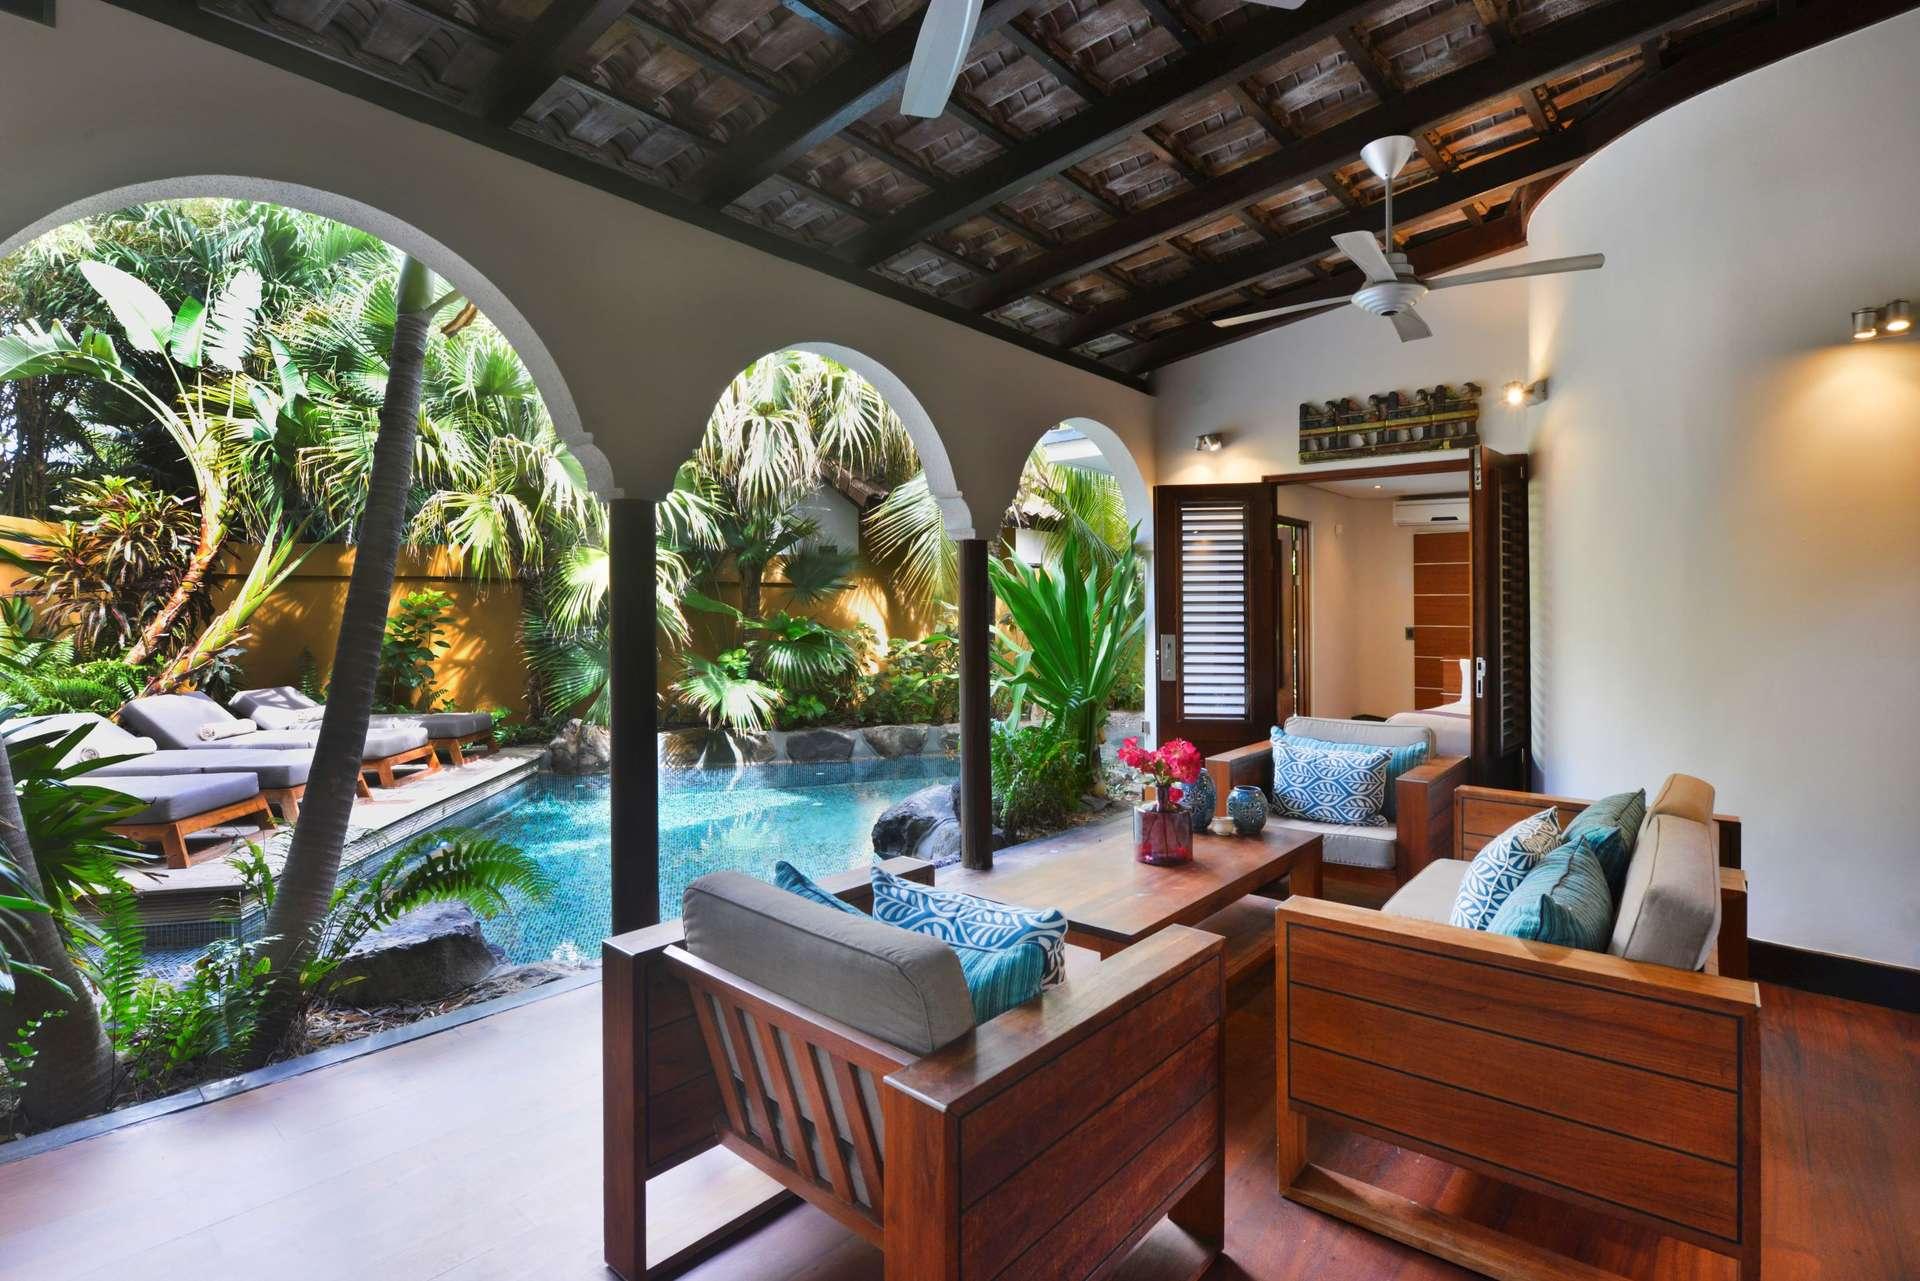 Luxury villa rentals caribbean - Curacao - Baoase luxury resort - No location 4 - Superior Private Pool Villa - Image 1/13